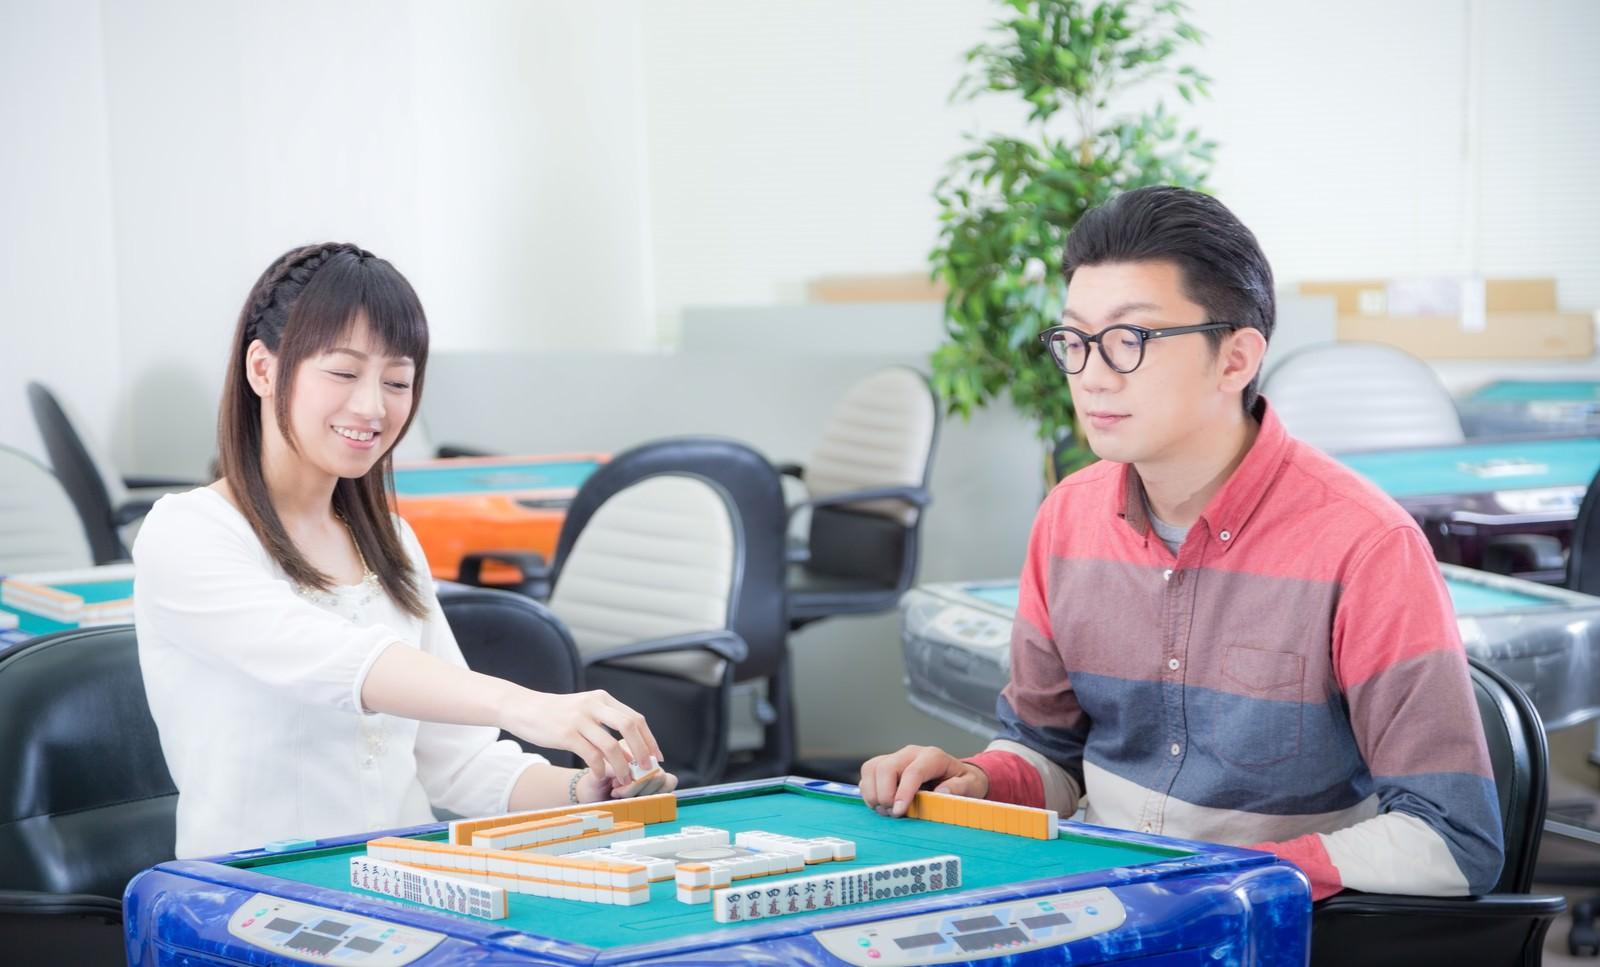 「楽しそうに麻雀を打つ男女楽しそうに麻雀を打つ男女」[モデル:米崎奈棋 OZPA]のフリー写真素材を拡大